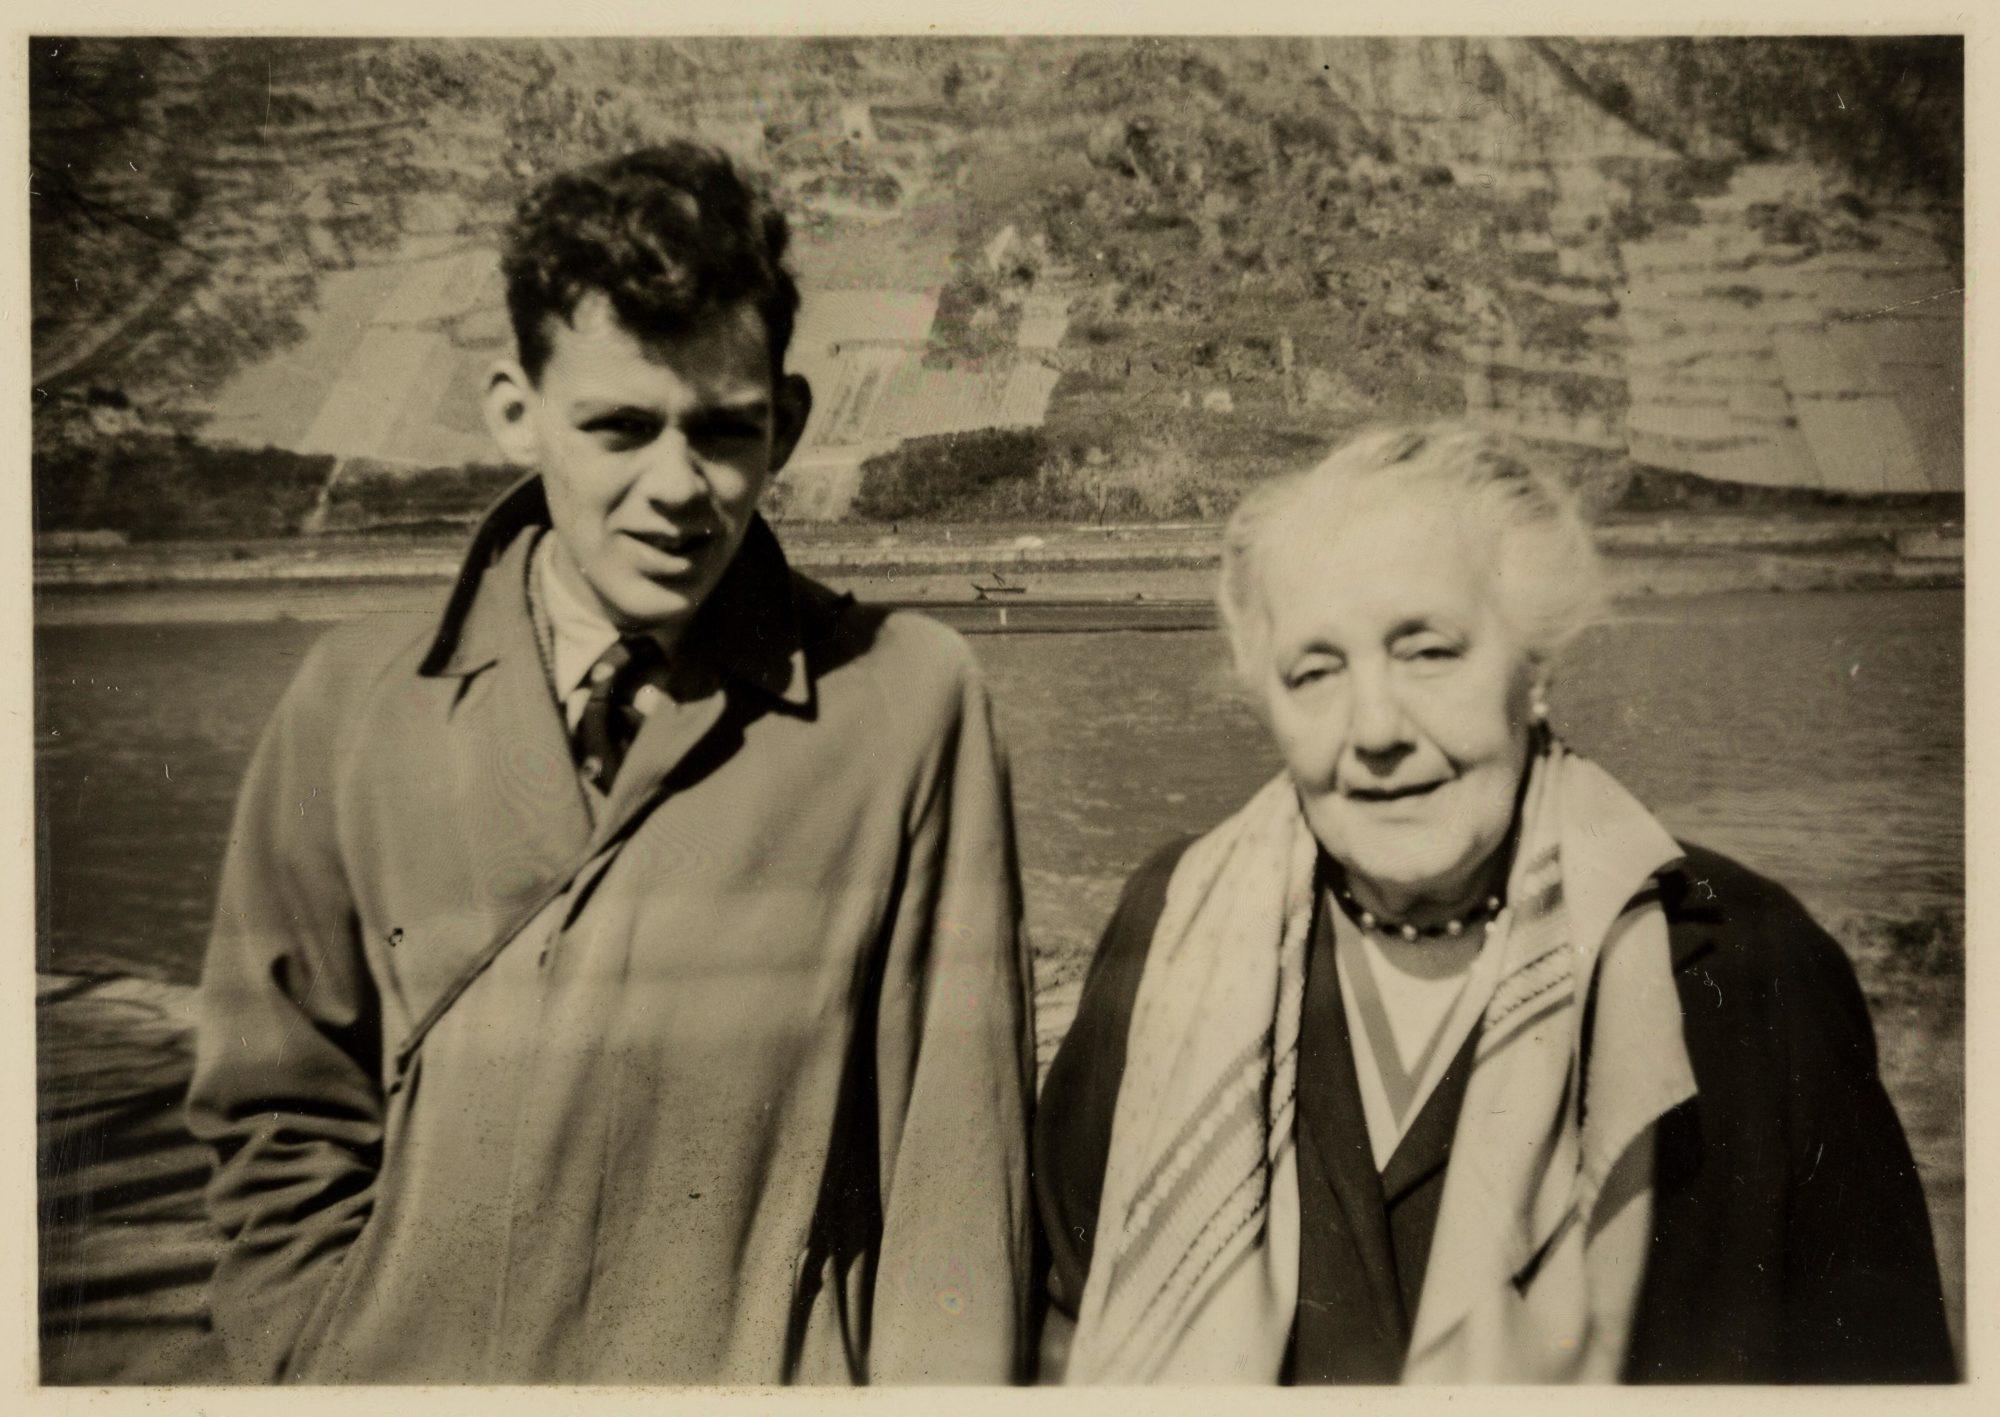 Klein con su nieto Michael en 1958